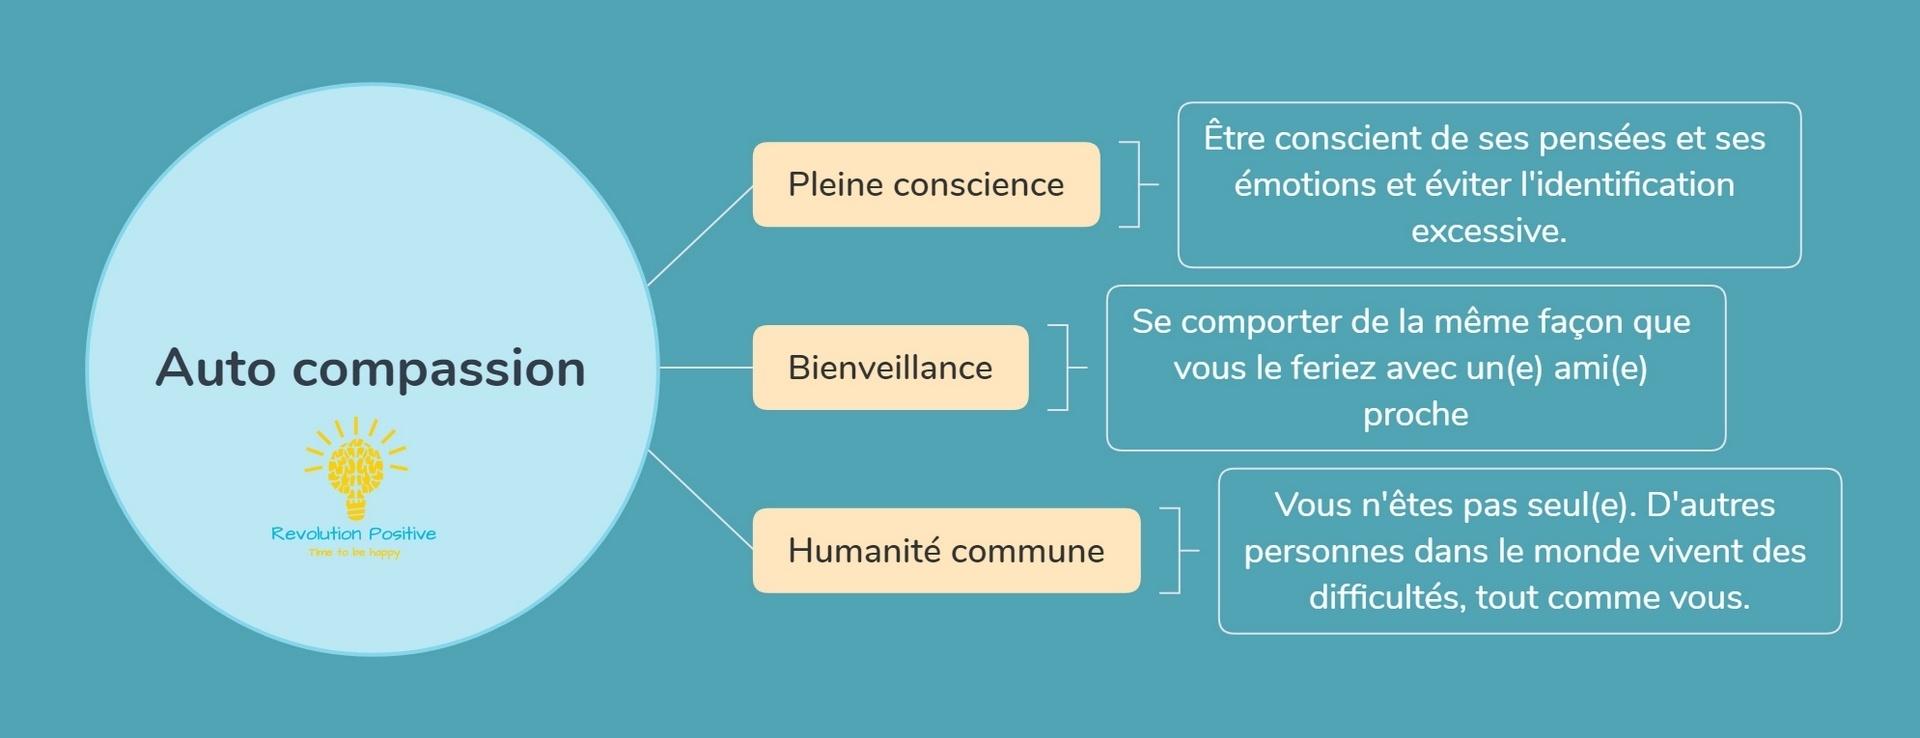 Les 3 pilliers de l'autocompassion. Pleine conscience, bienveillance et humanité commune.